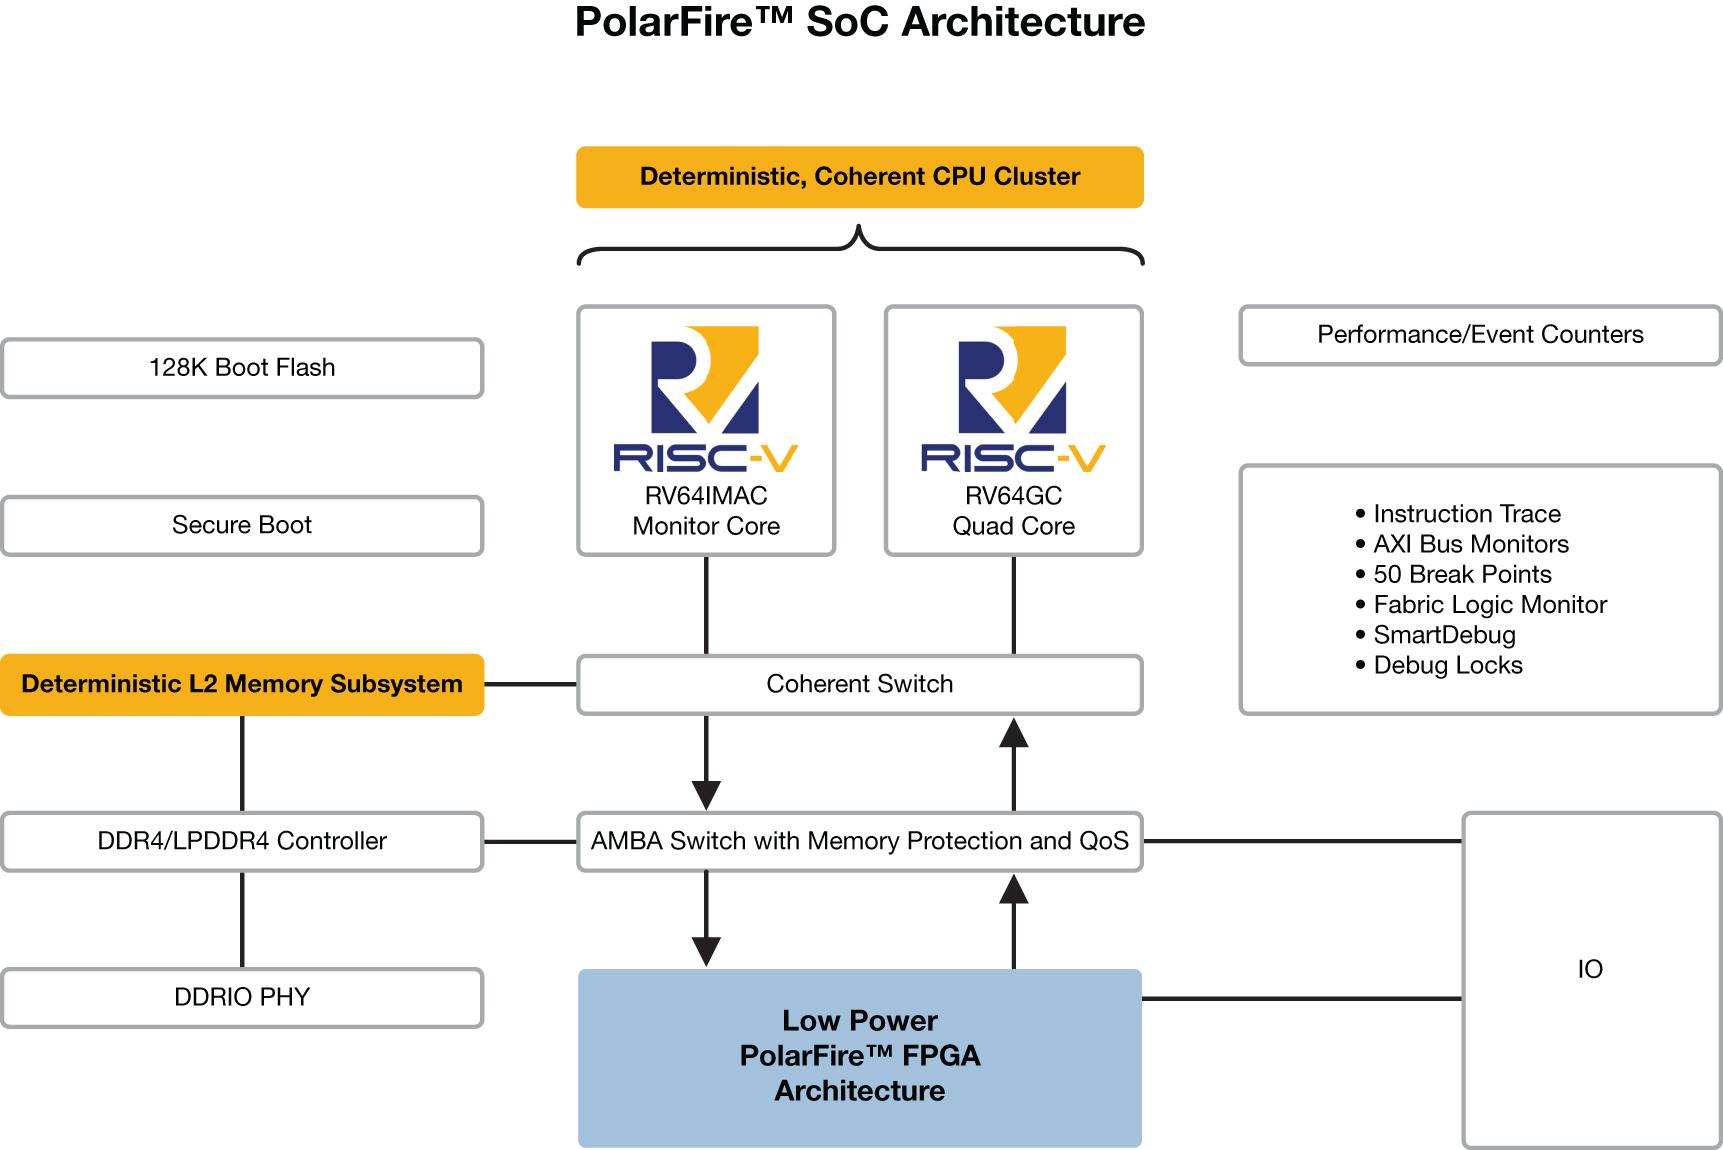 业内首款RISC-V SoC FPGA架构为Linux带来实时功能,  让开发人员在设计安全可靠的低功耗产品